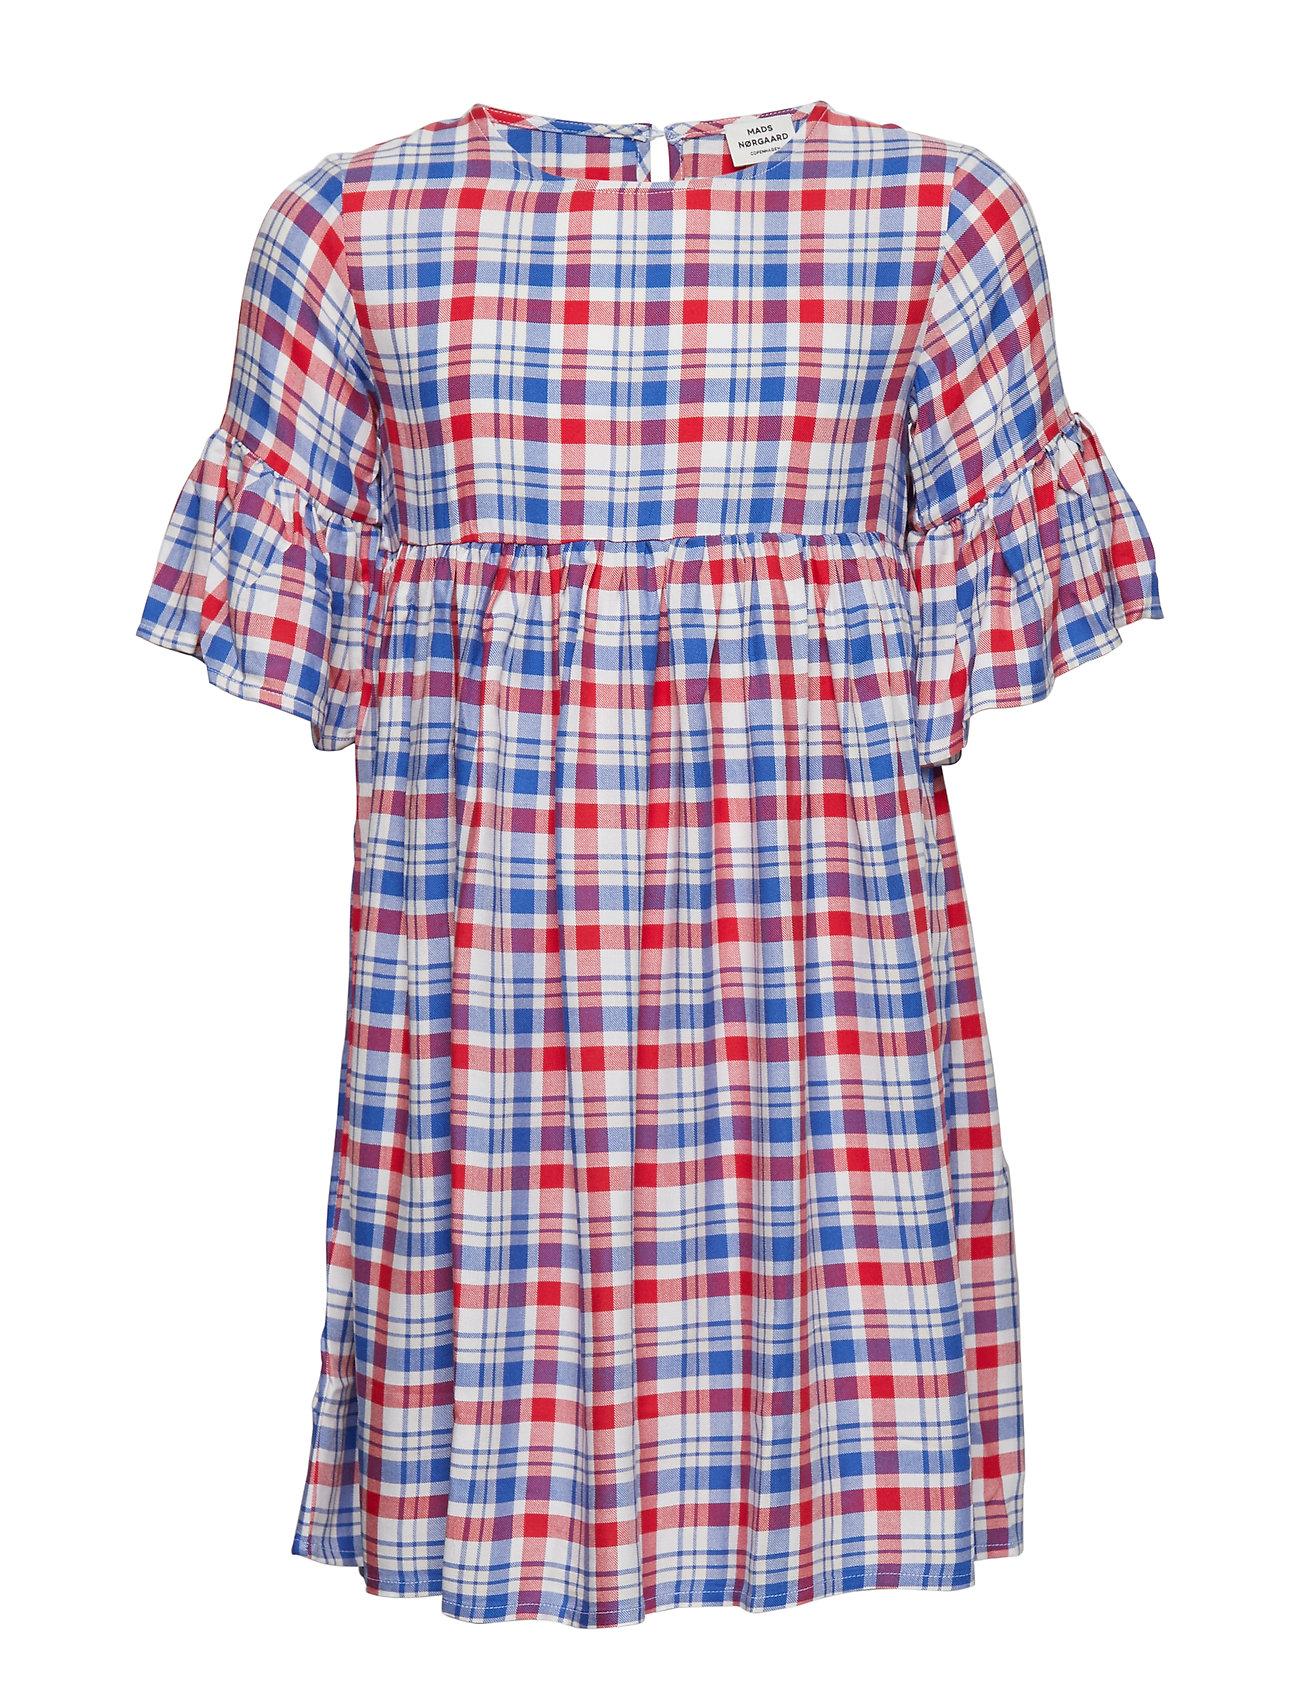 67611c4a Viscose Check Drefina kjoler fra Mads Nørgaard til børn i RED/BLUE ...